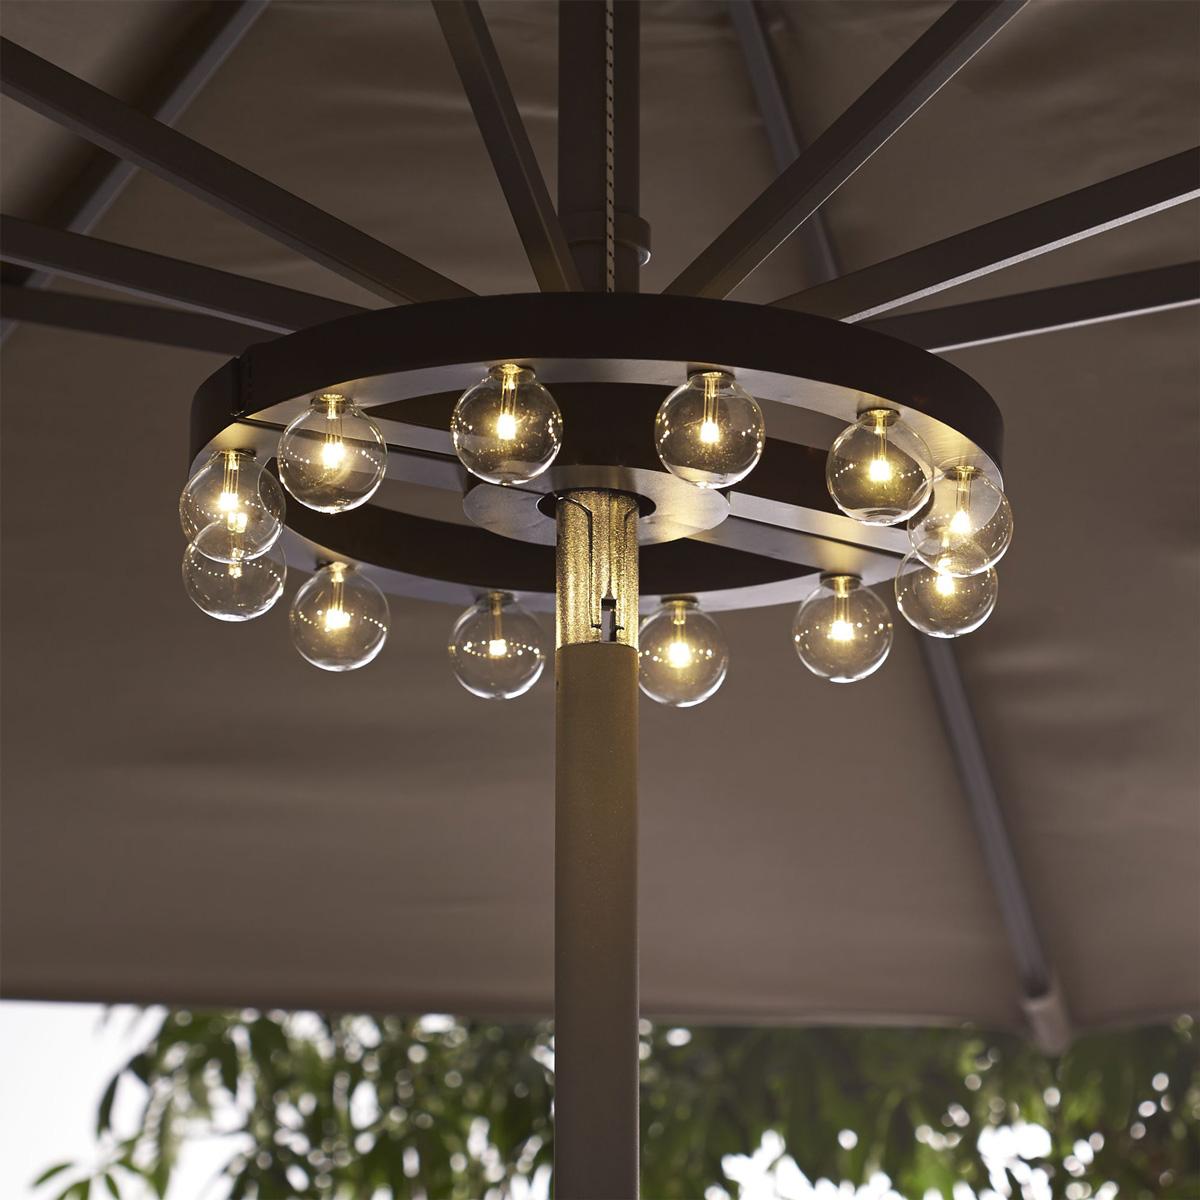 Lighted Patio Umbrella With Stunning - Patio Umbrella With Solar Powered  Lights. Large Patio Umbrellas - Solar Powered Patio Umbrella Our Designs